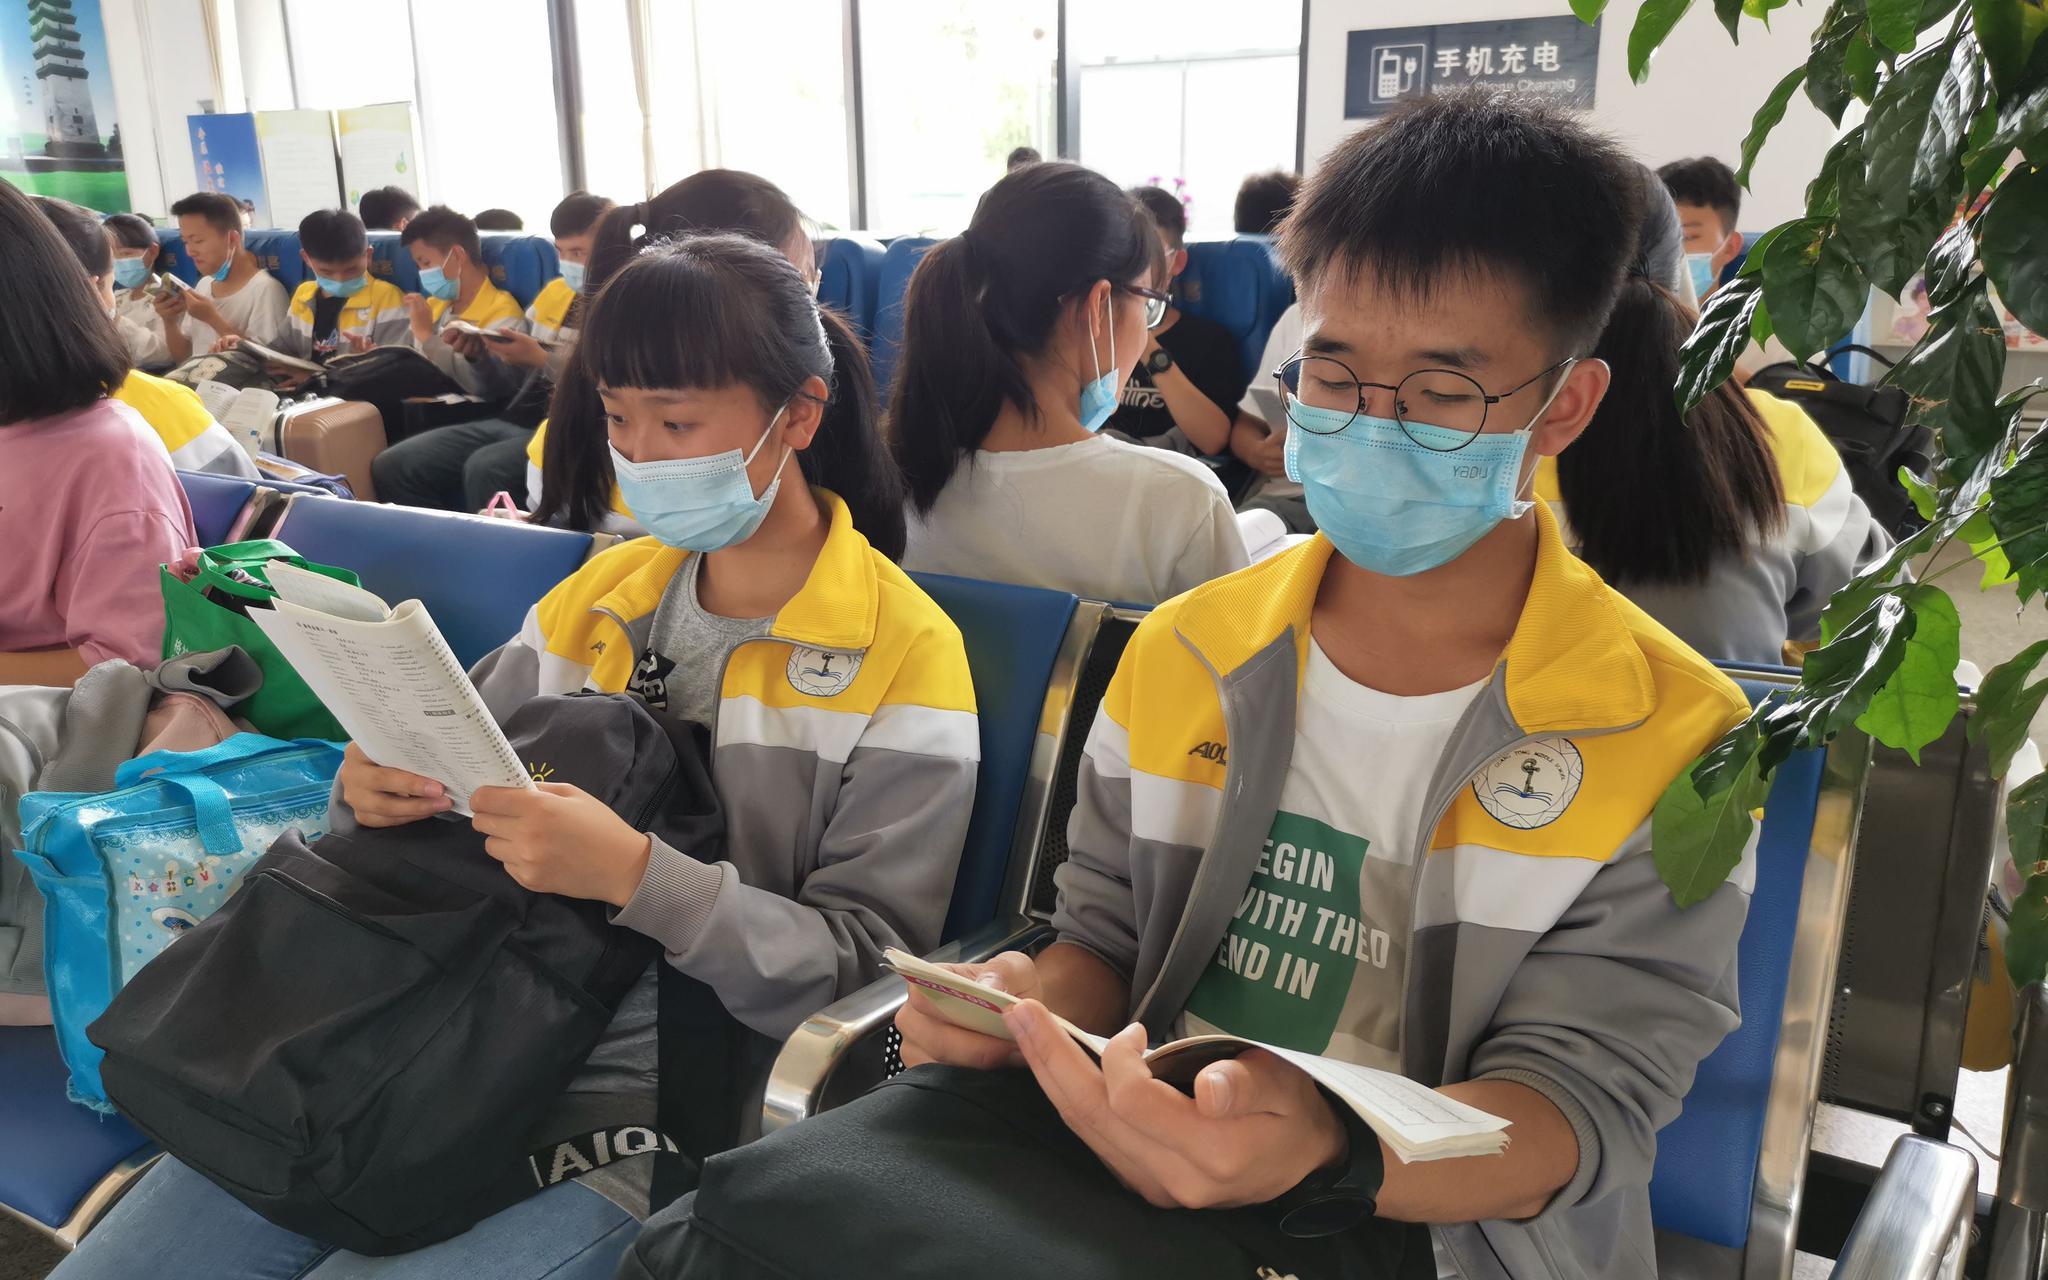 门生们在候车大厅温习看书。通信员 郭婧 摄